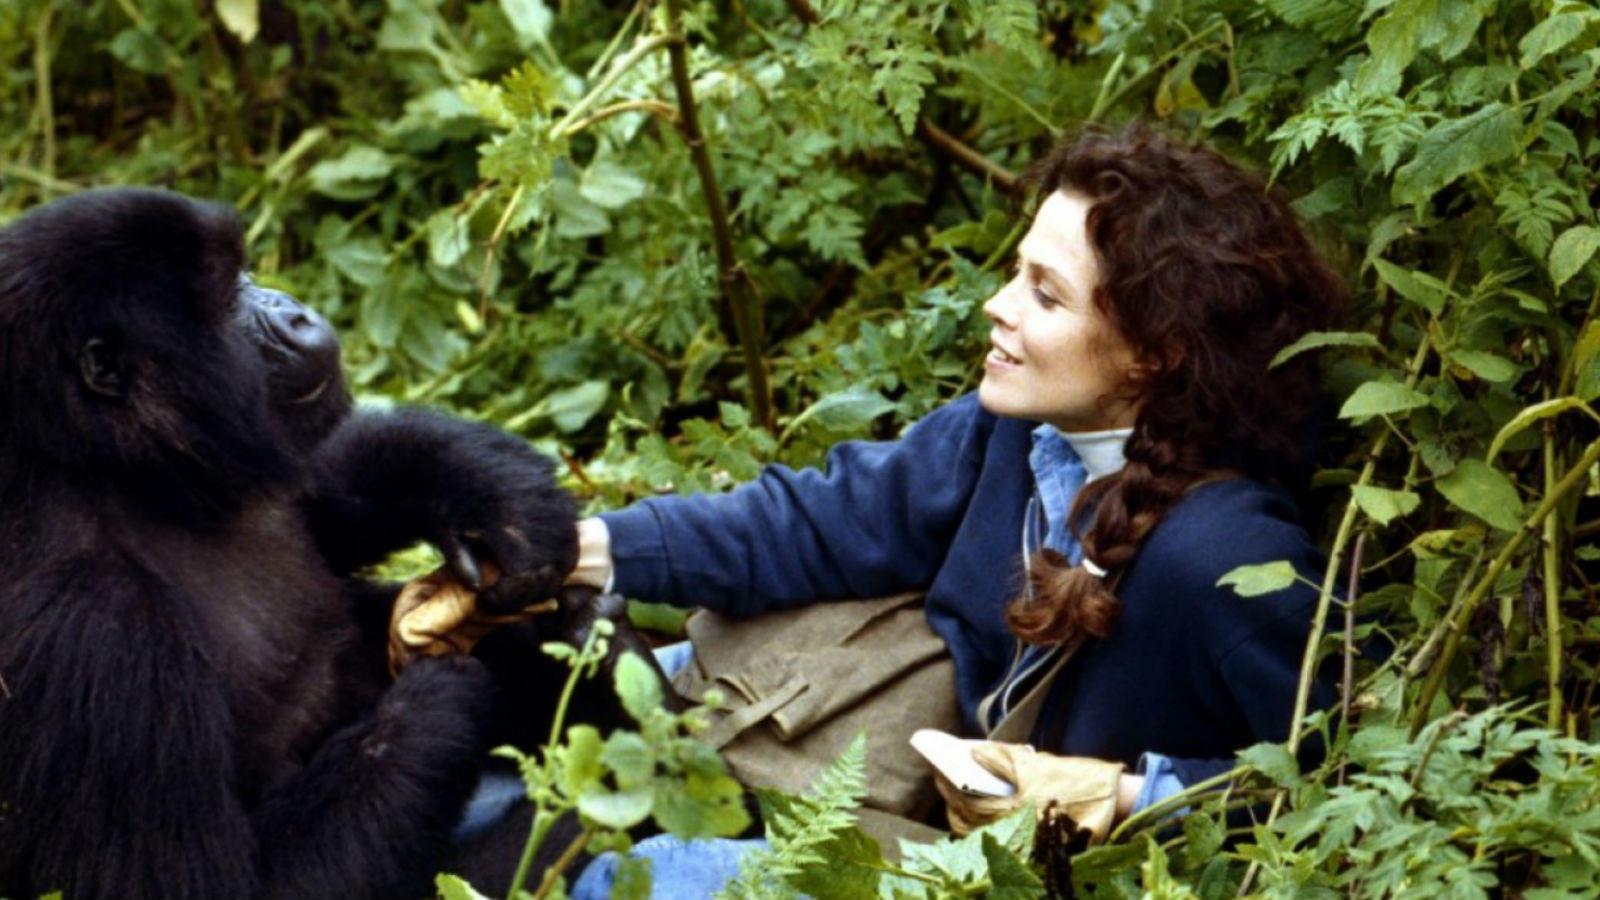 Dian Fossey etológust, gorillakutatót 1985. december 26-án faházának hálószobájában brutálisan meggyilkolták. Koponyáját egy – a hálószobájával szomszédos nappali falát díszítő, orvvadászok által rendszeresen használt – pangával (machete) hasították ketté. A gyilkos kilétére sosem derült fény. Dian Fossey-t a ruandai Karisoke Kutatóközpont területén temették el, azon a helyen, melyet ő maga alakított ki elpusztult gorilla barátainak sírhelyéül. (Universal Pictures)